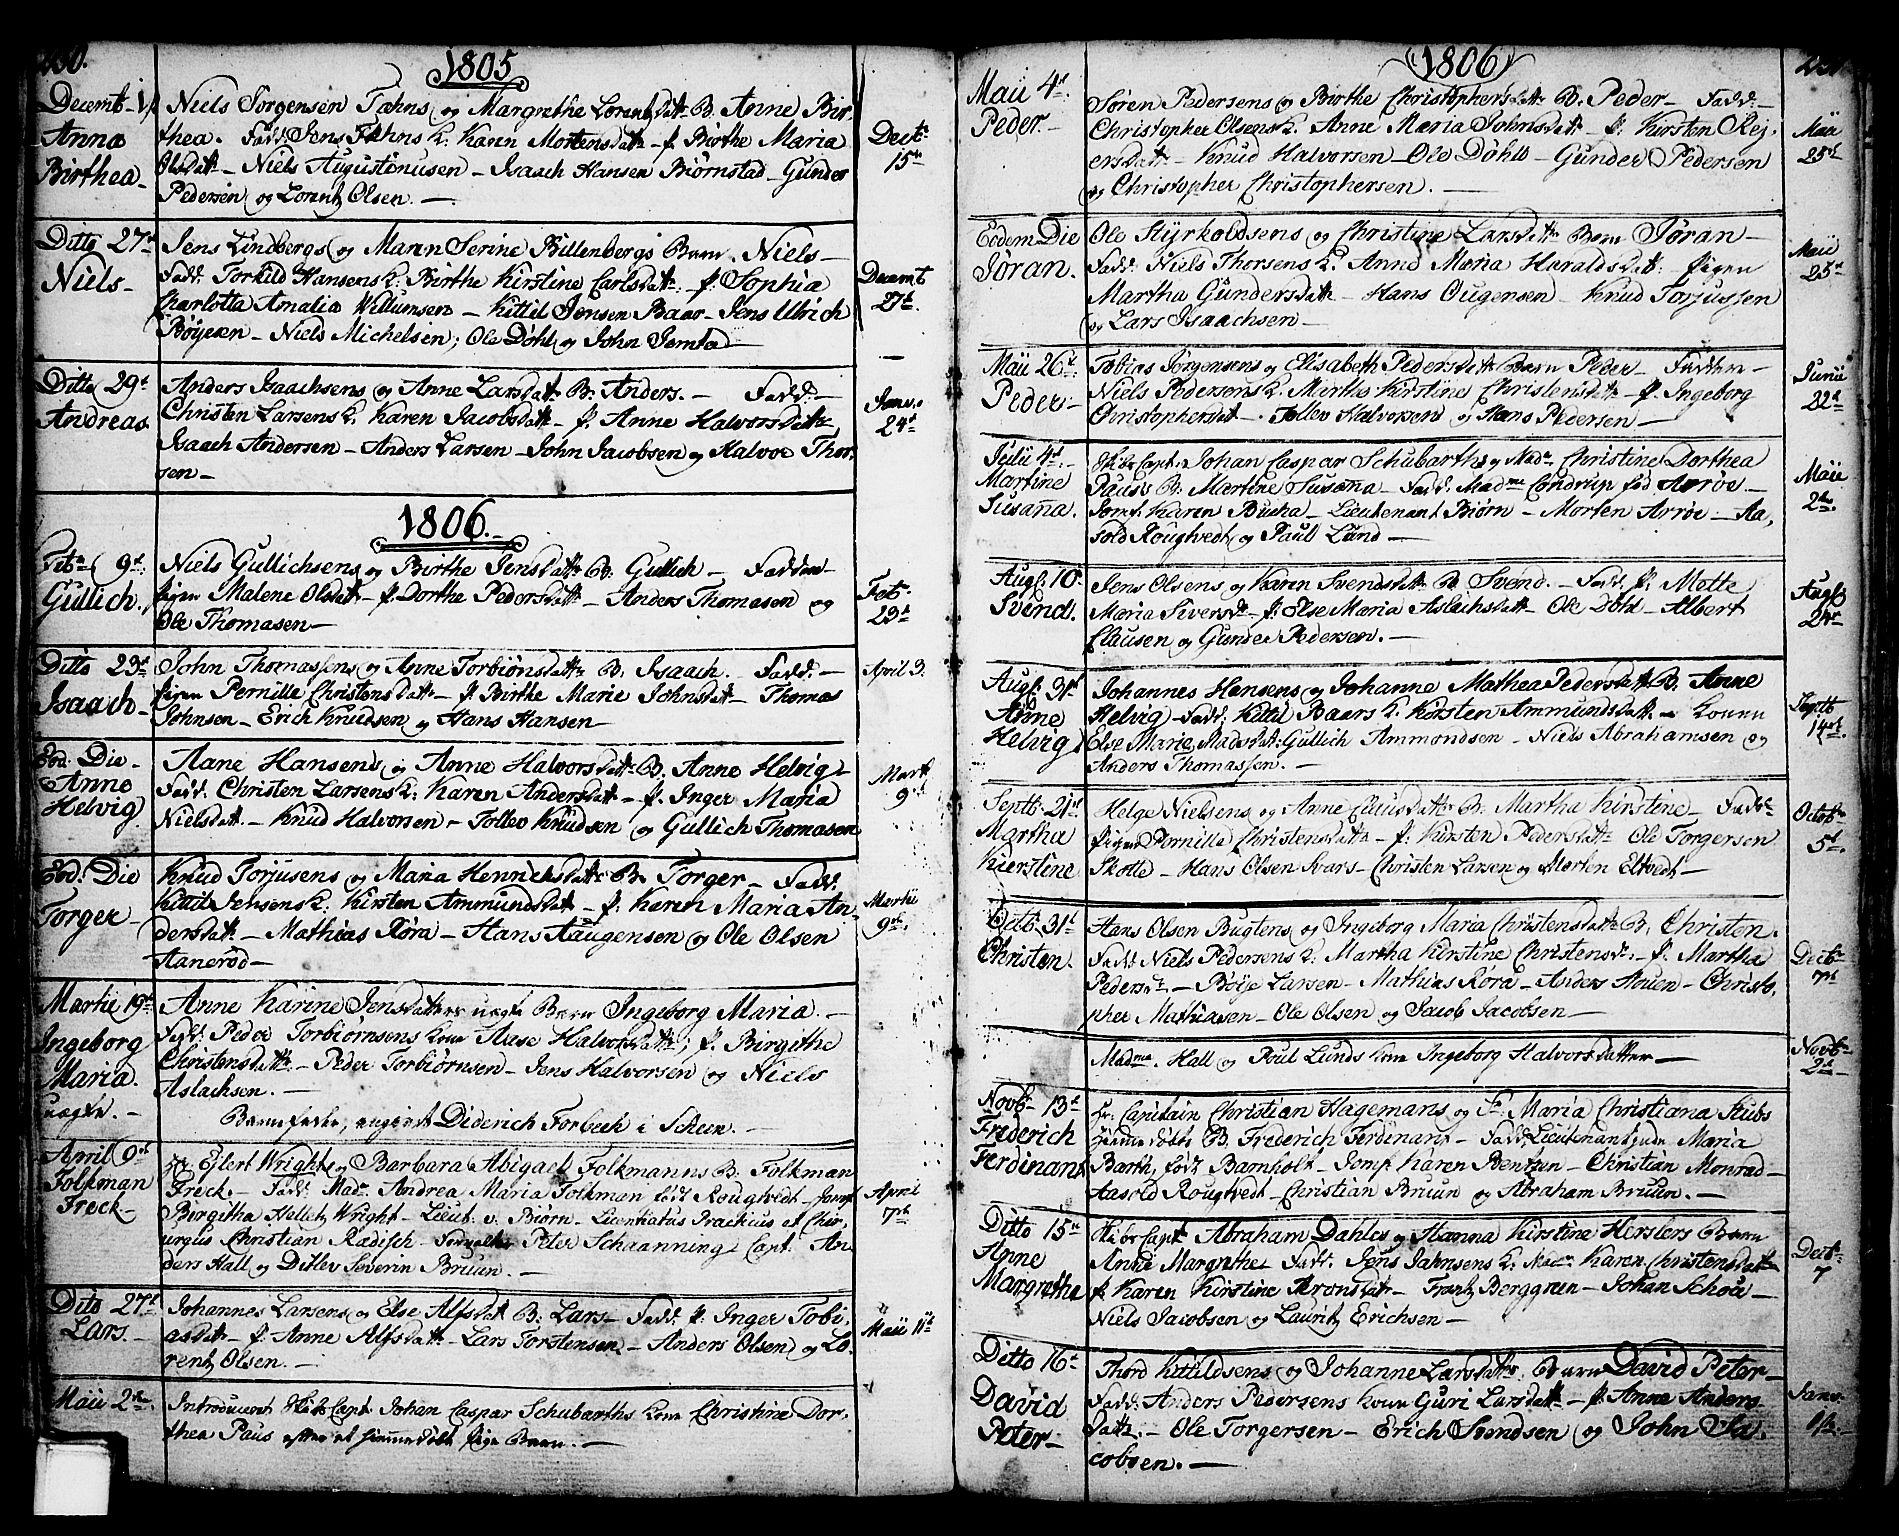 SAKO, Porsgrunn kirkebøker , F/Fa/L0001: Ministerialbok nr. 1, 1764-1814, s. 230-231